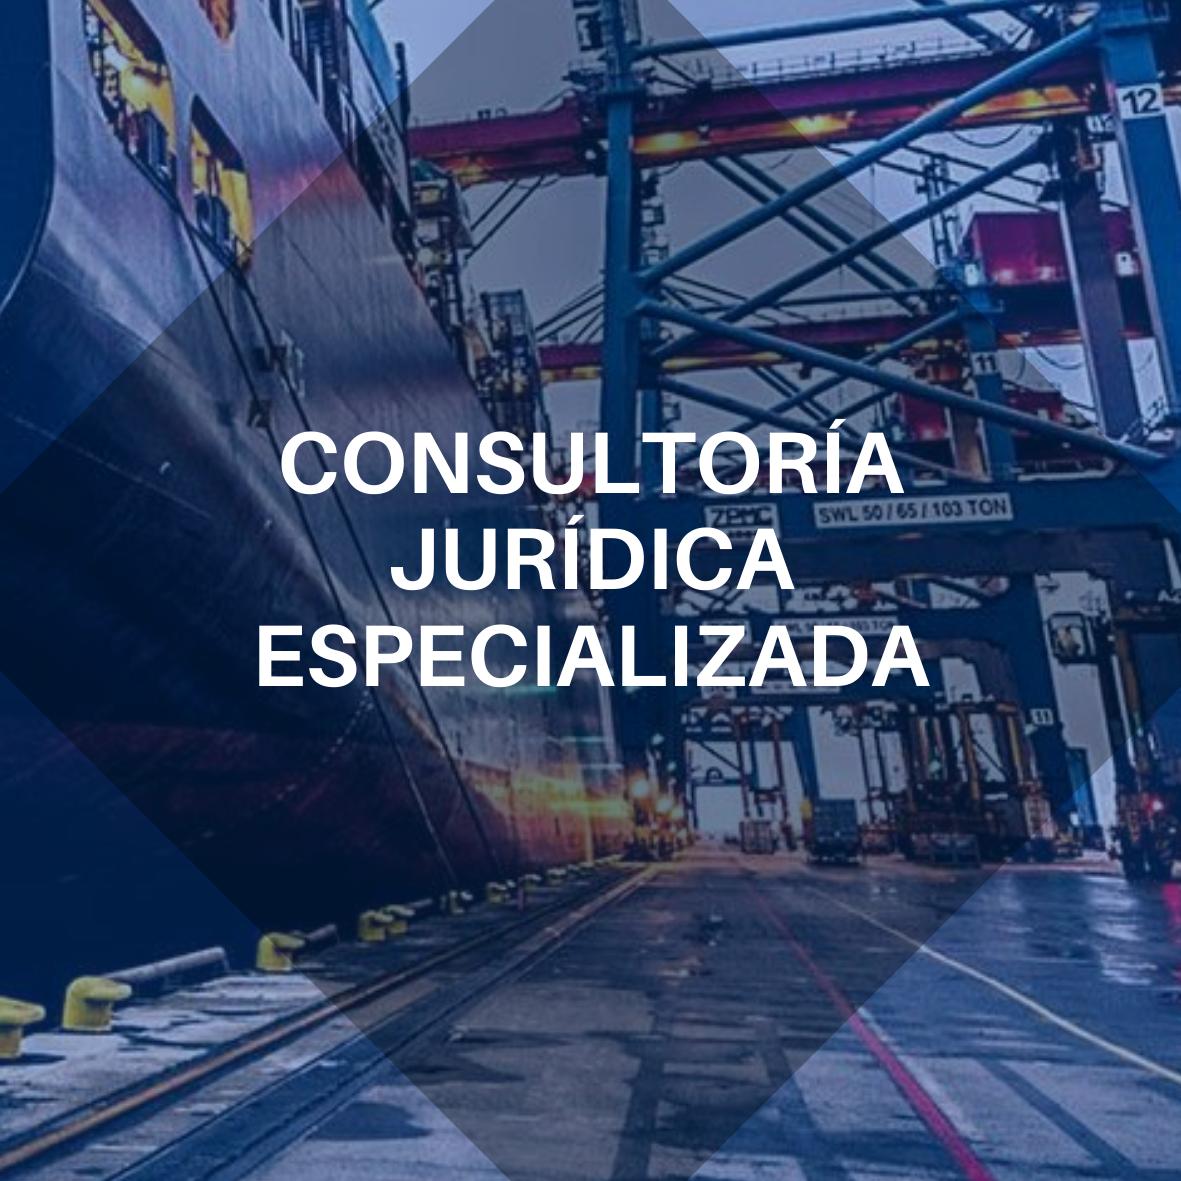 Consultoría Jurídica para Marinos